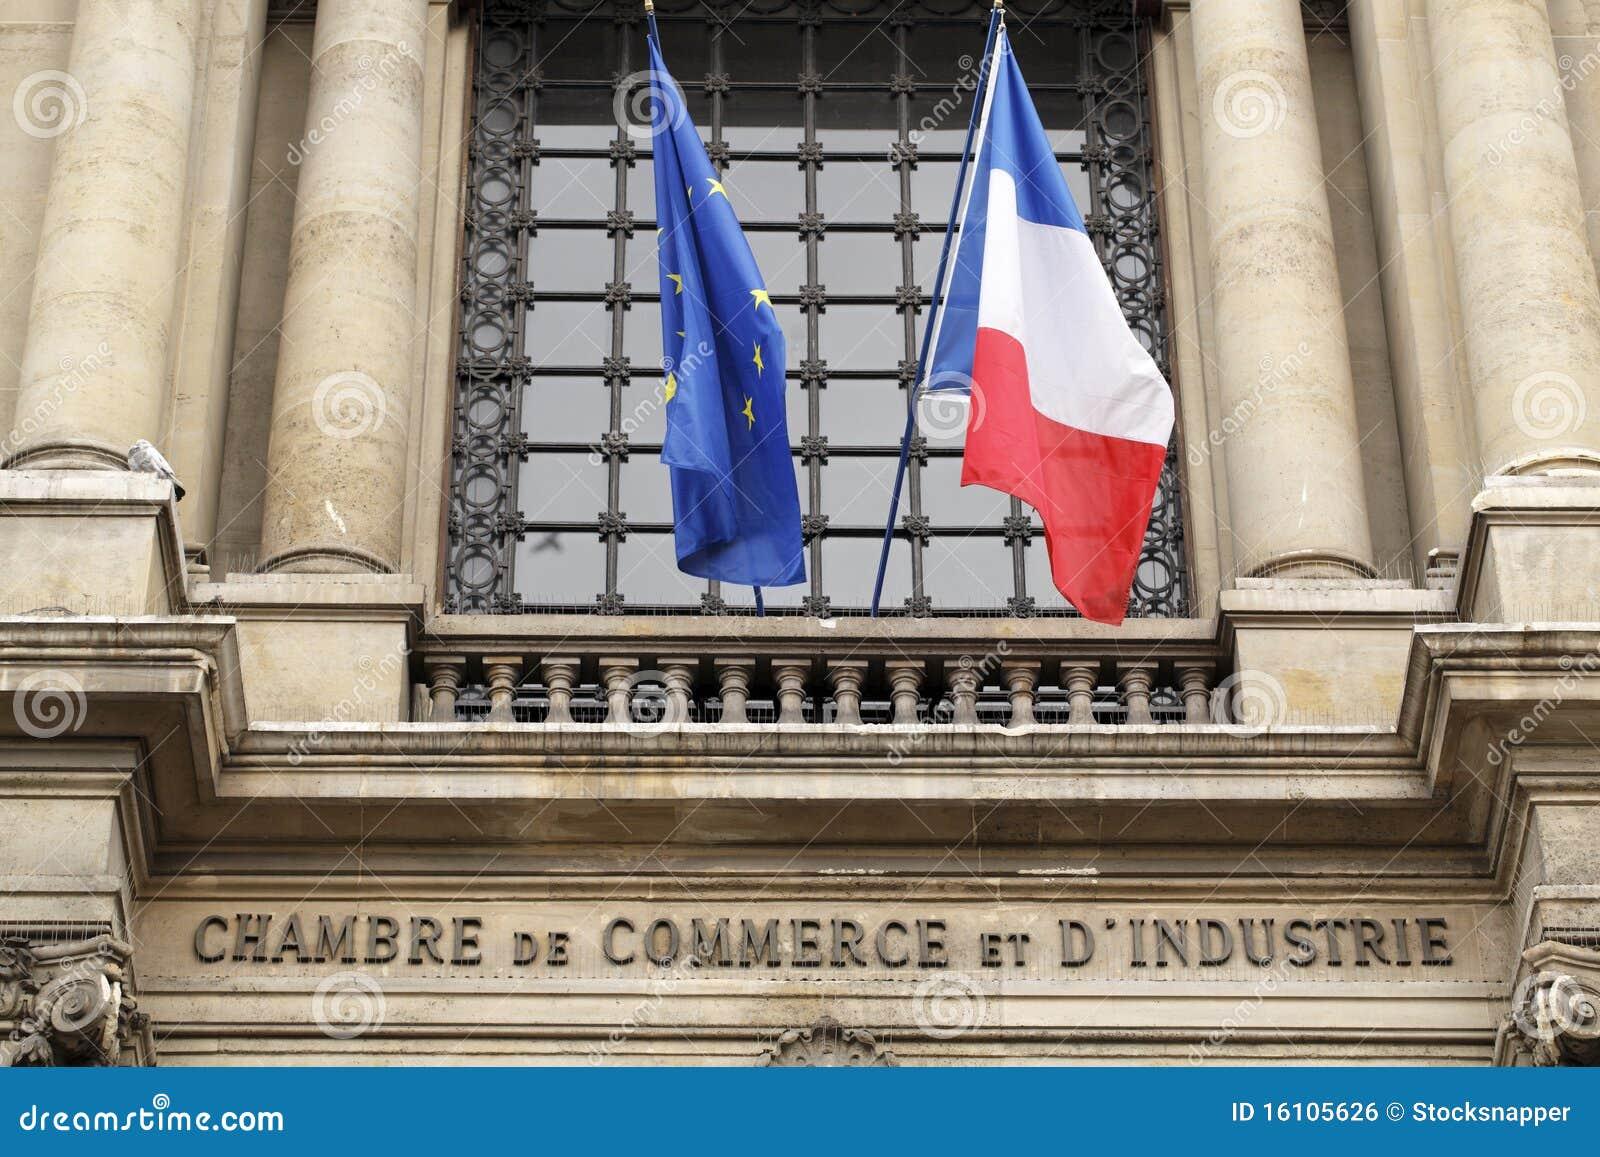 Camera di commercio di parigi fotografia stock immagine - Chambre internationale de commerce ...